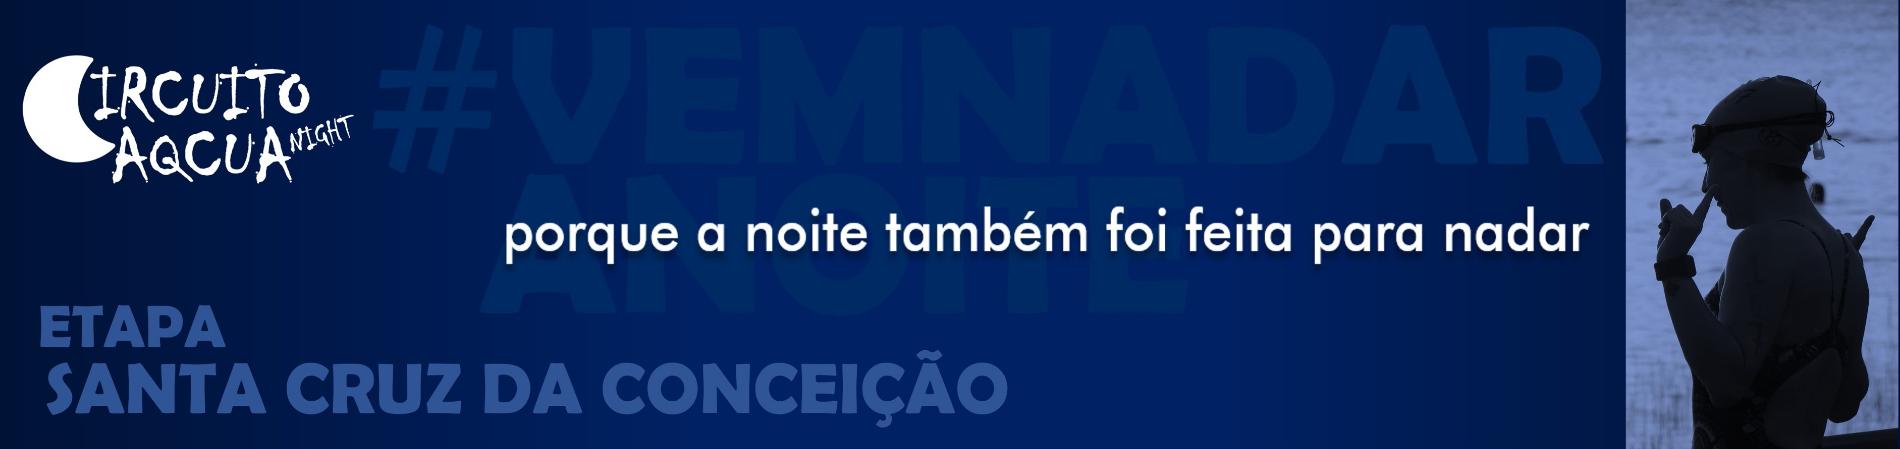 CIRCUITO AQCUA NIGHT 2018 - ETAPA SANTA CRUZ DA CONCEIÇÃO